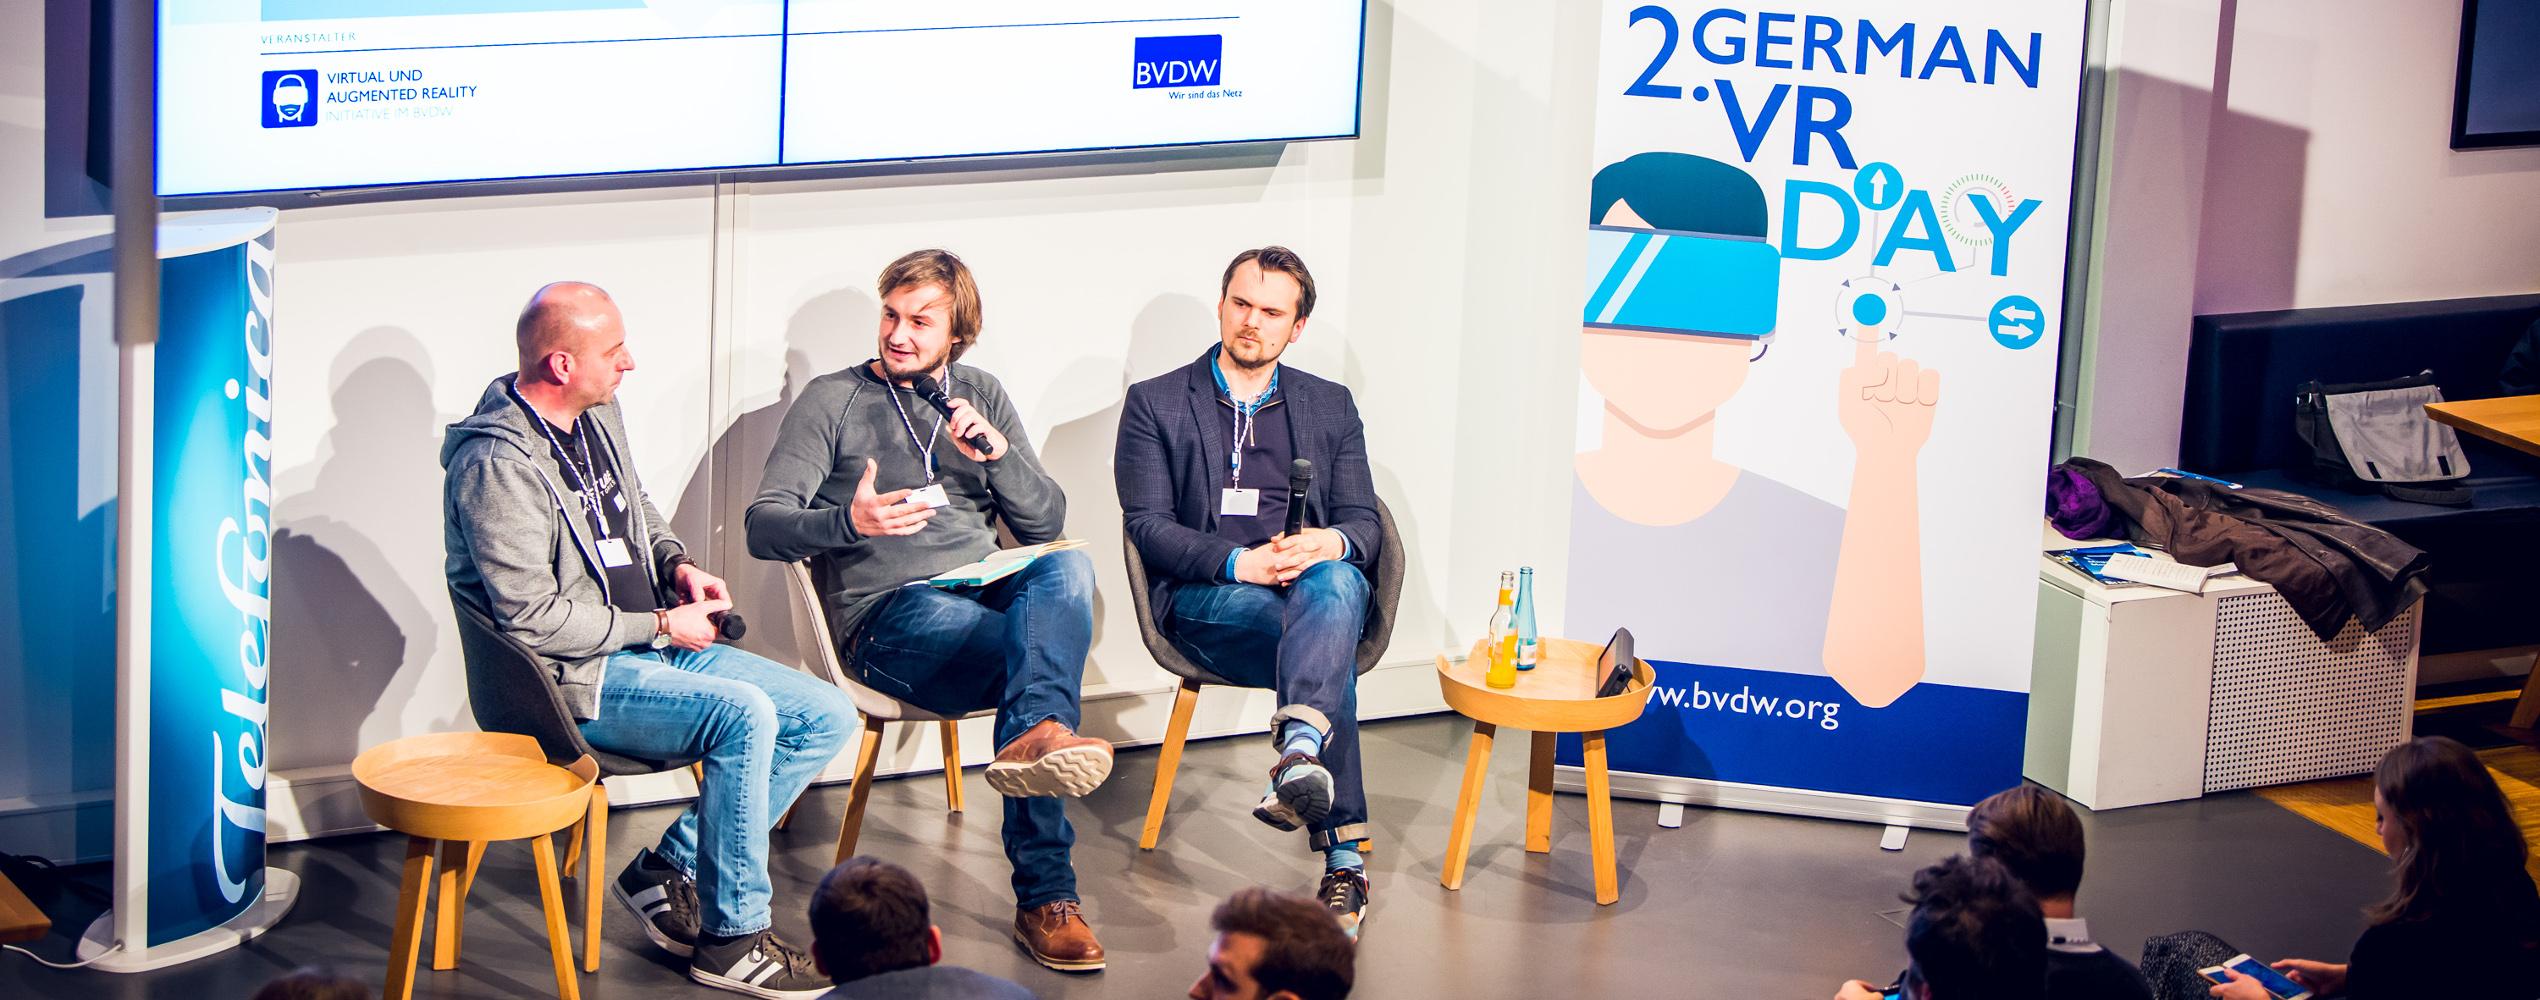 Zweiter German VR Day des Bundesverbandes Digitale Wirtschaft (BVDW) im Telefónica BASECAMP. | Foto: BVDW e. V.